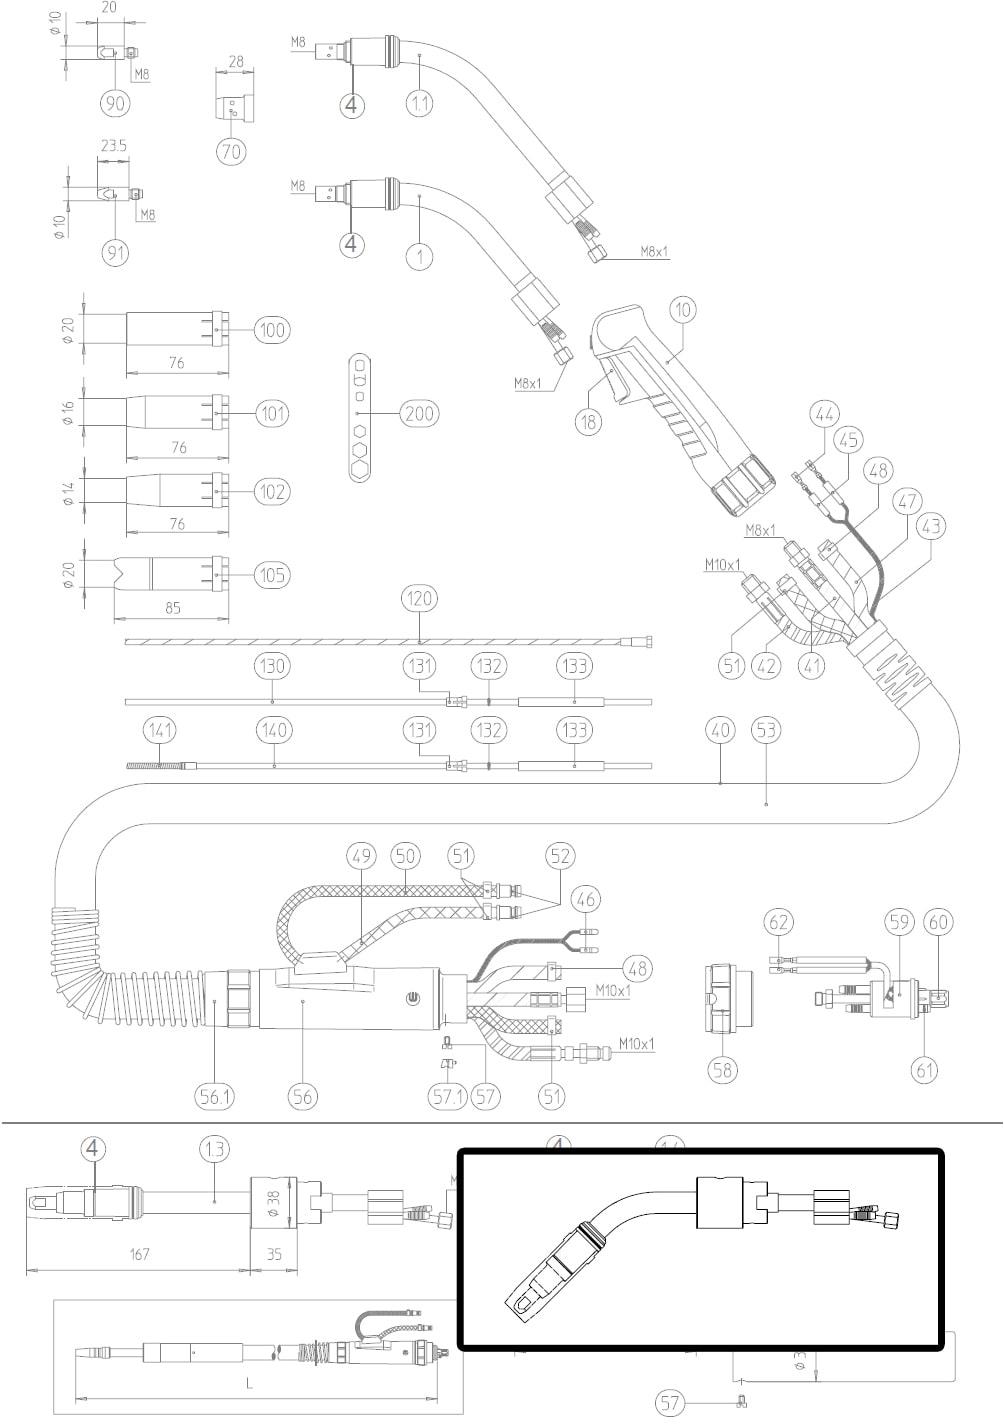 Dettaglio ricambio lancia terminale torcia macchina AUT 501D abicor binzel 9340002